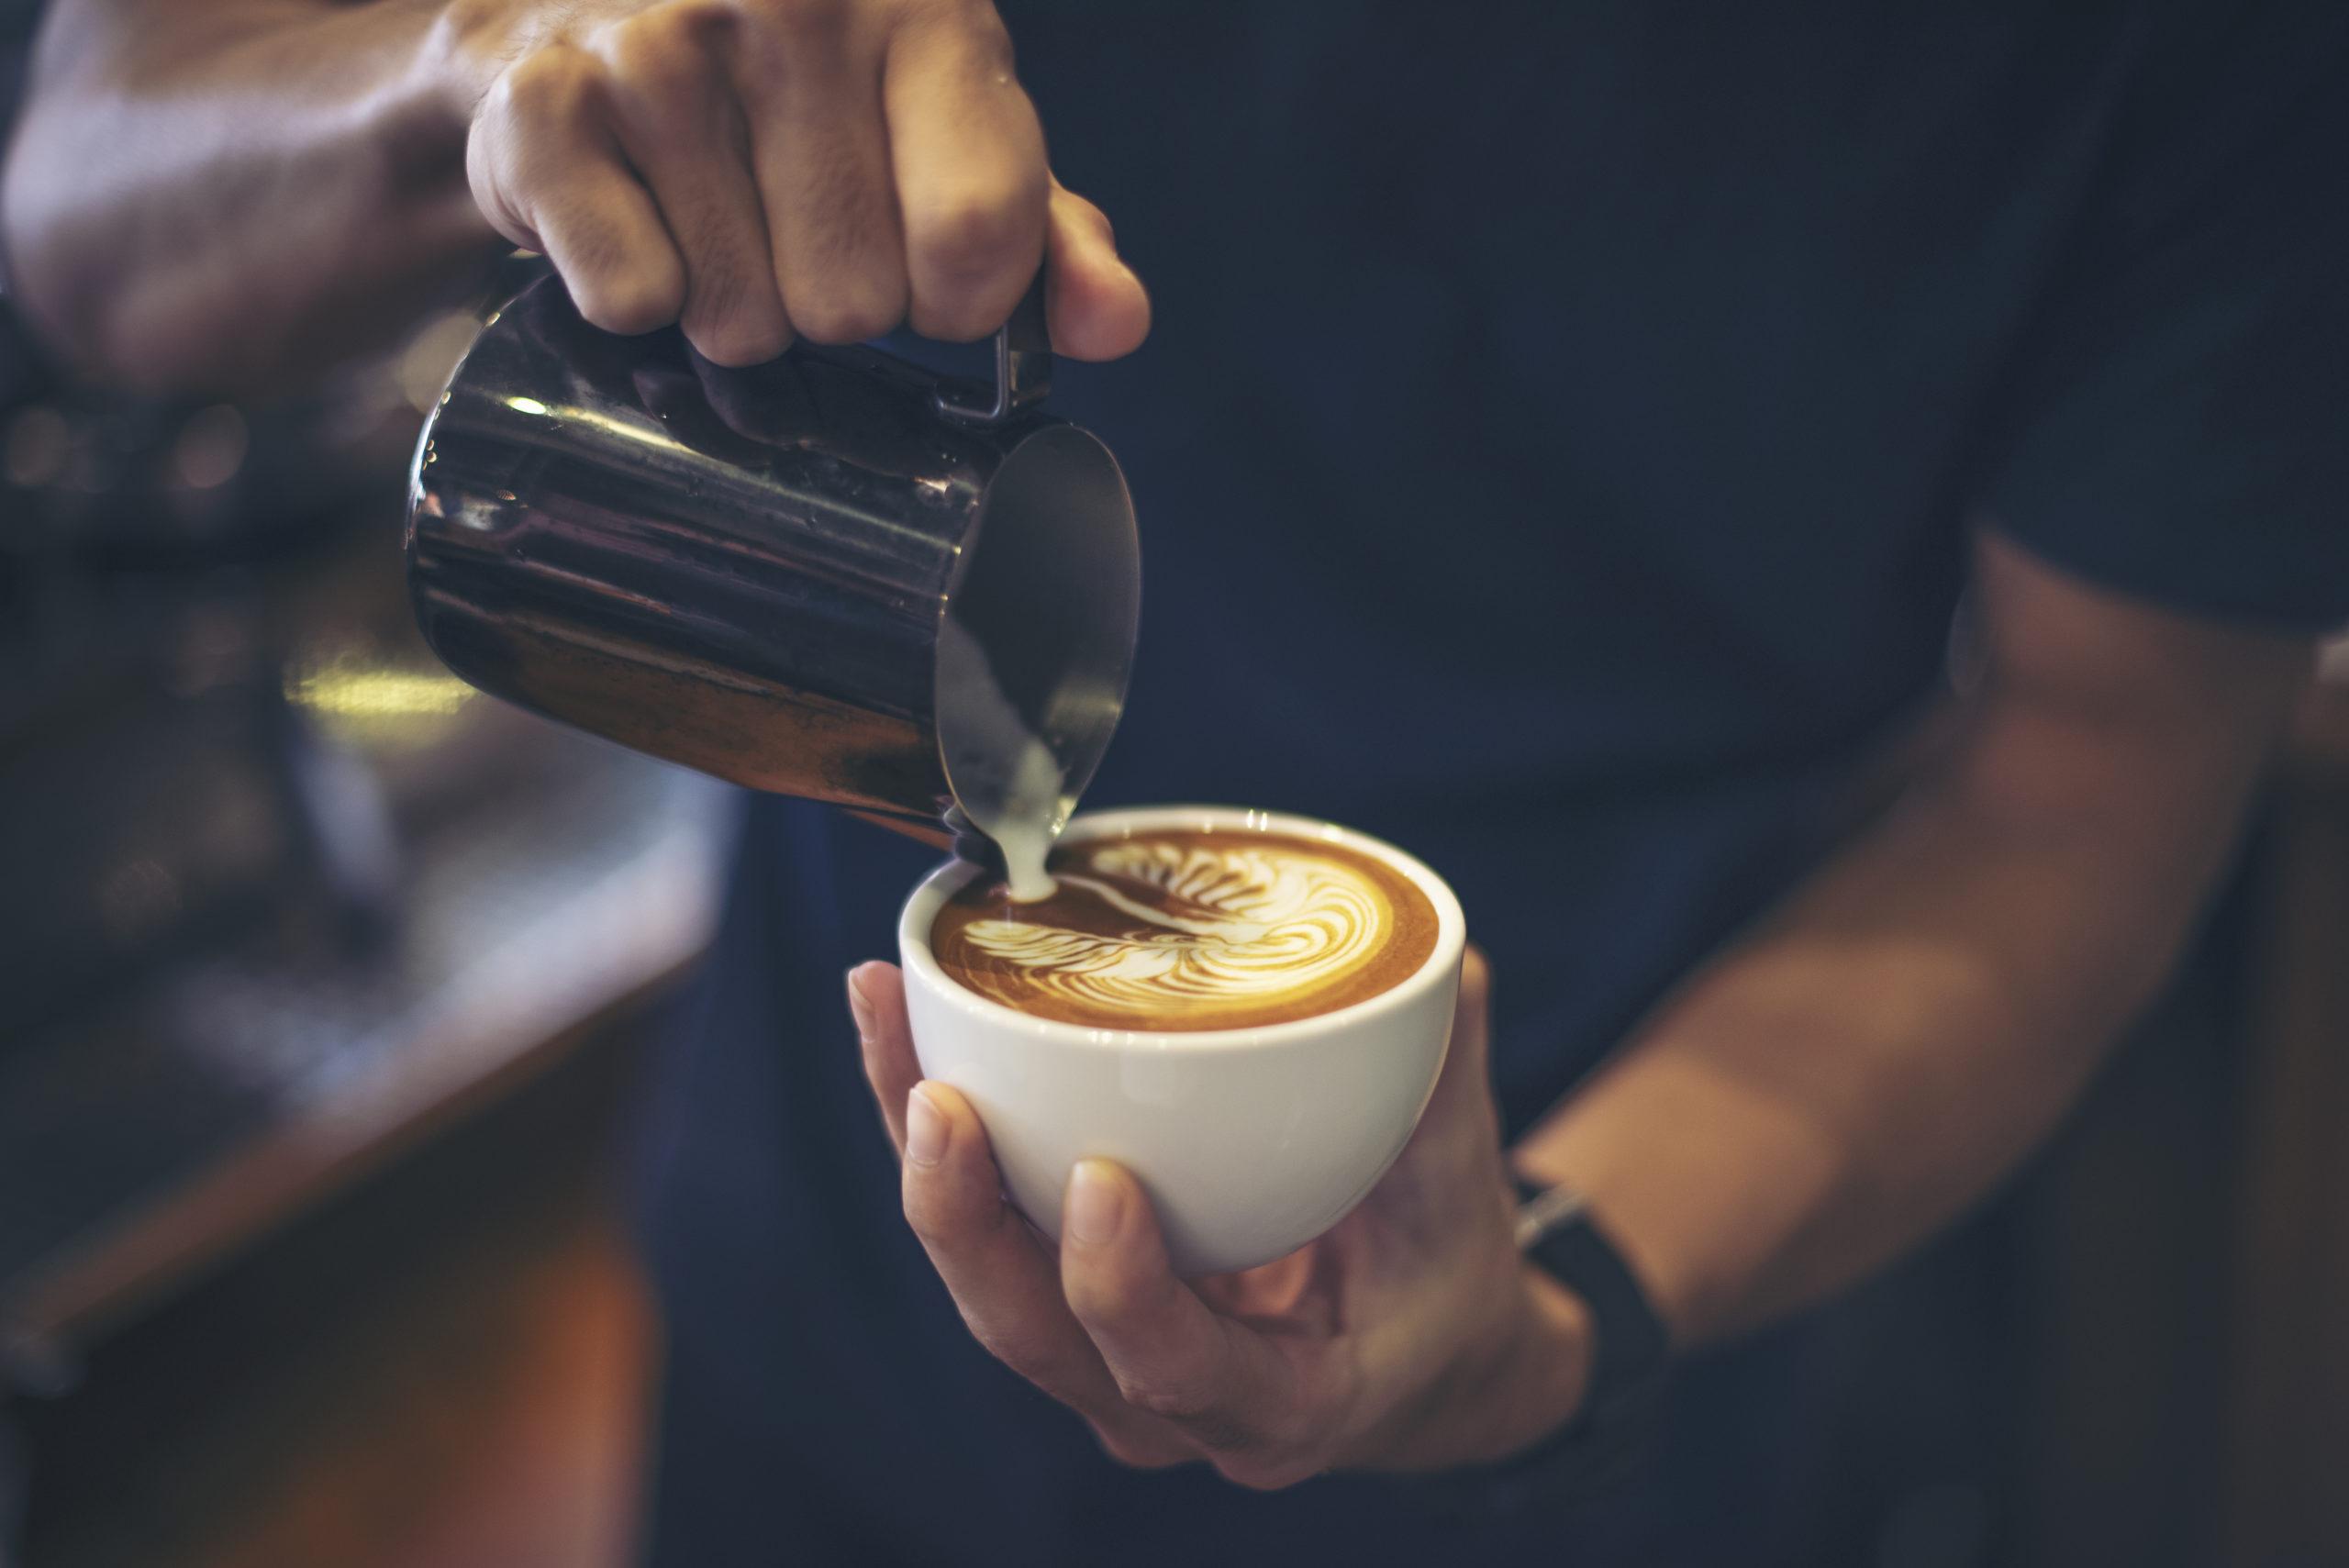 เครื่องชงกาแฟขนาดเล็ก